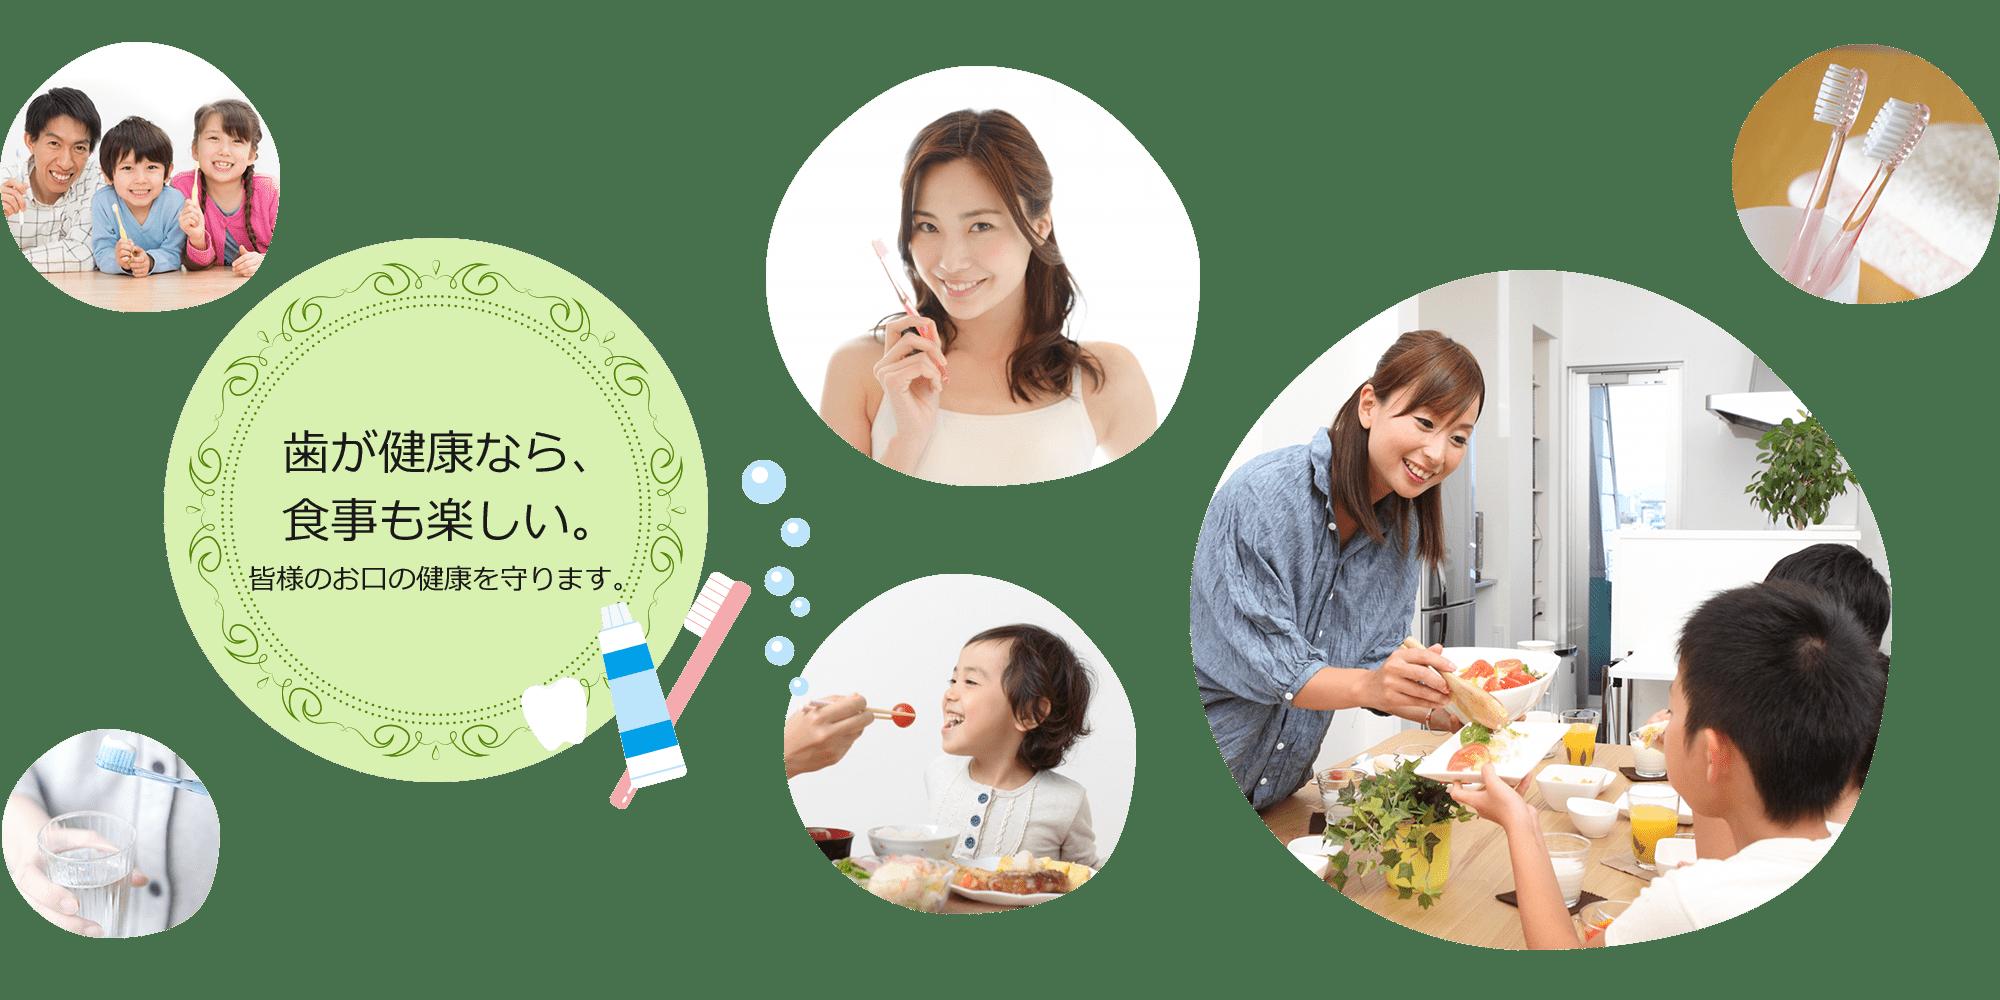 歯が健康なら、食事も楽しい。皆様のお口の健康を守ります。